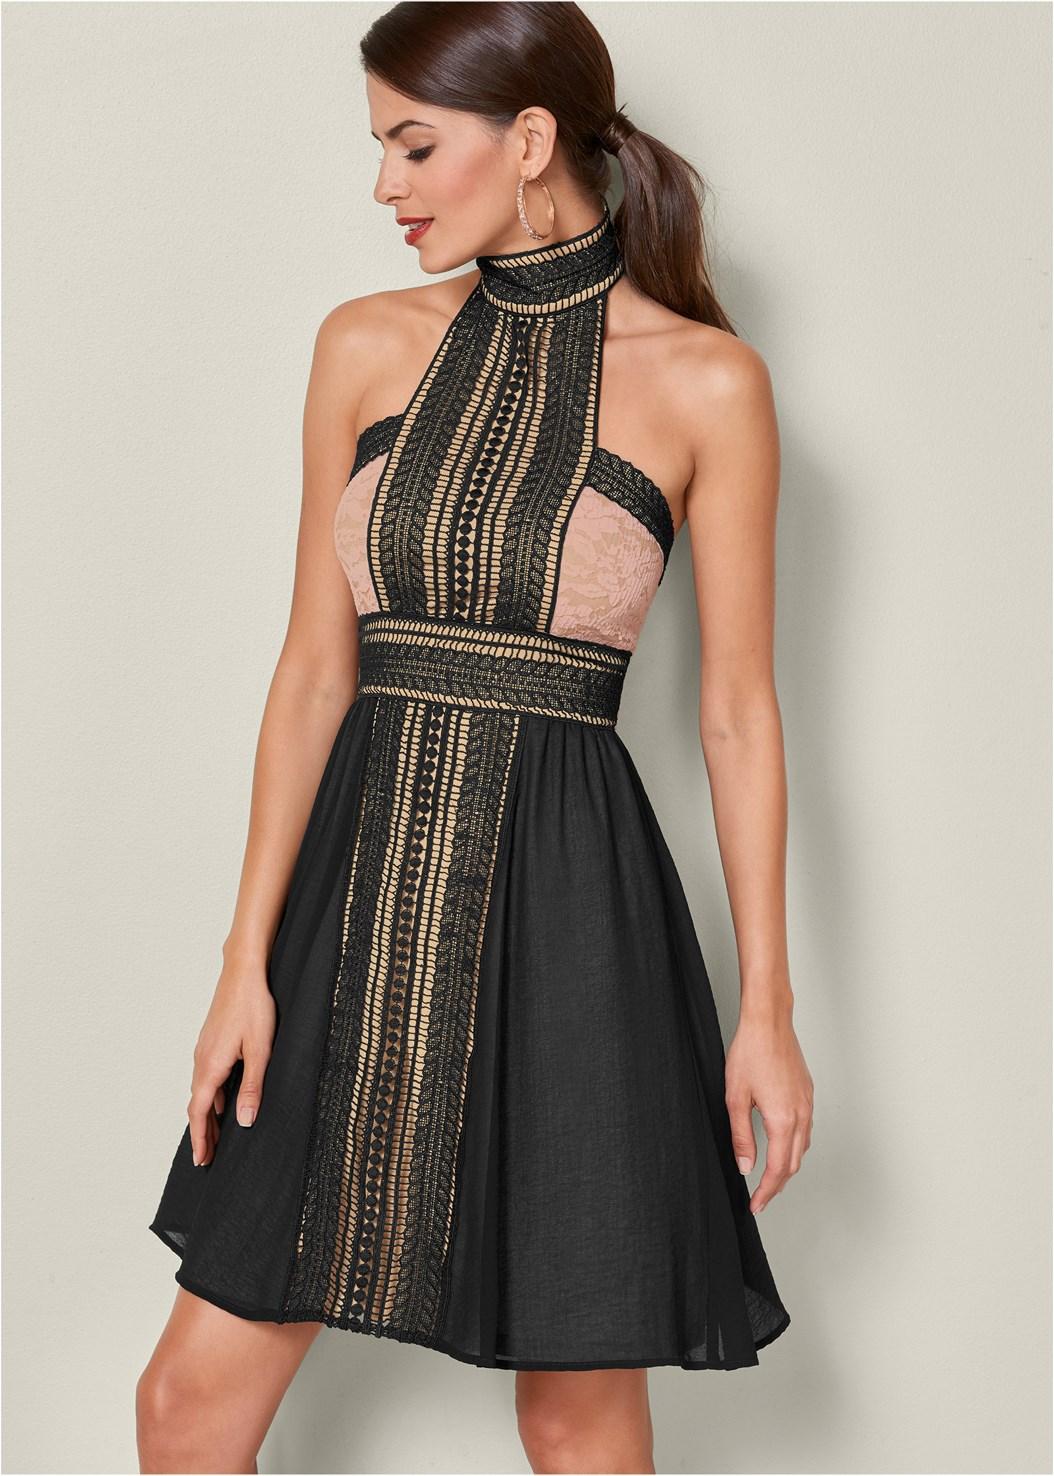 High Neck Lace Detail Dress,Natural Beauty Lace Bandeau